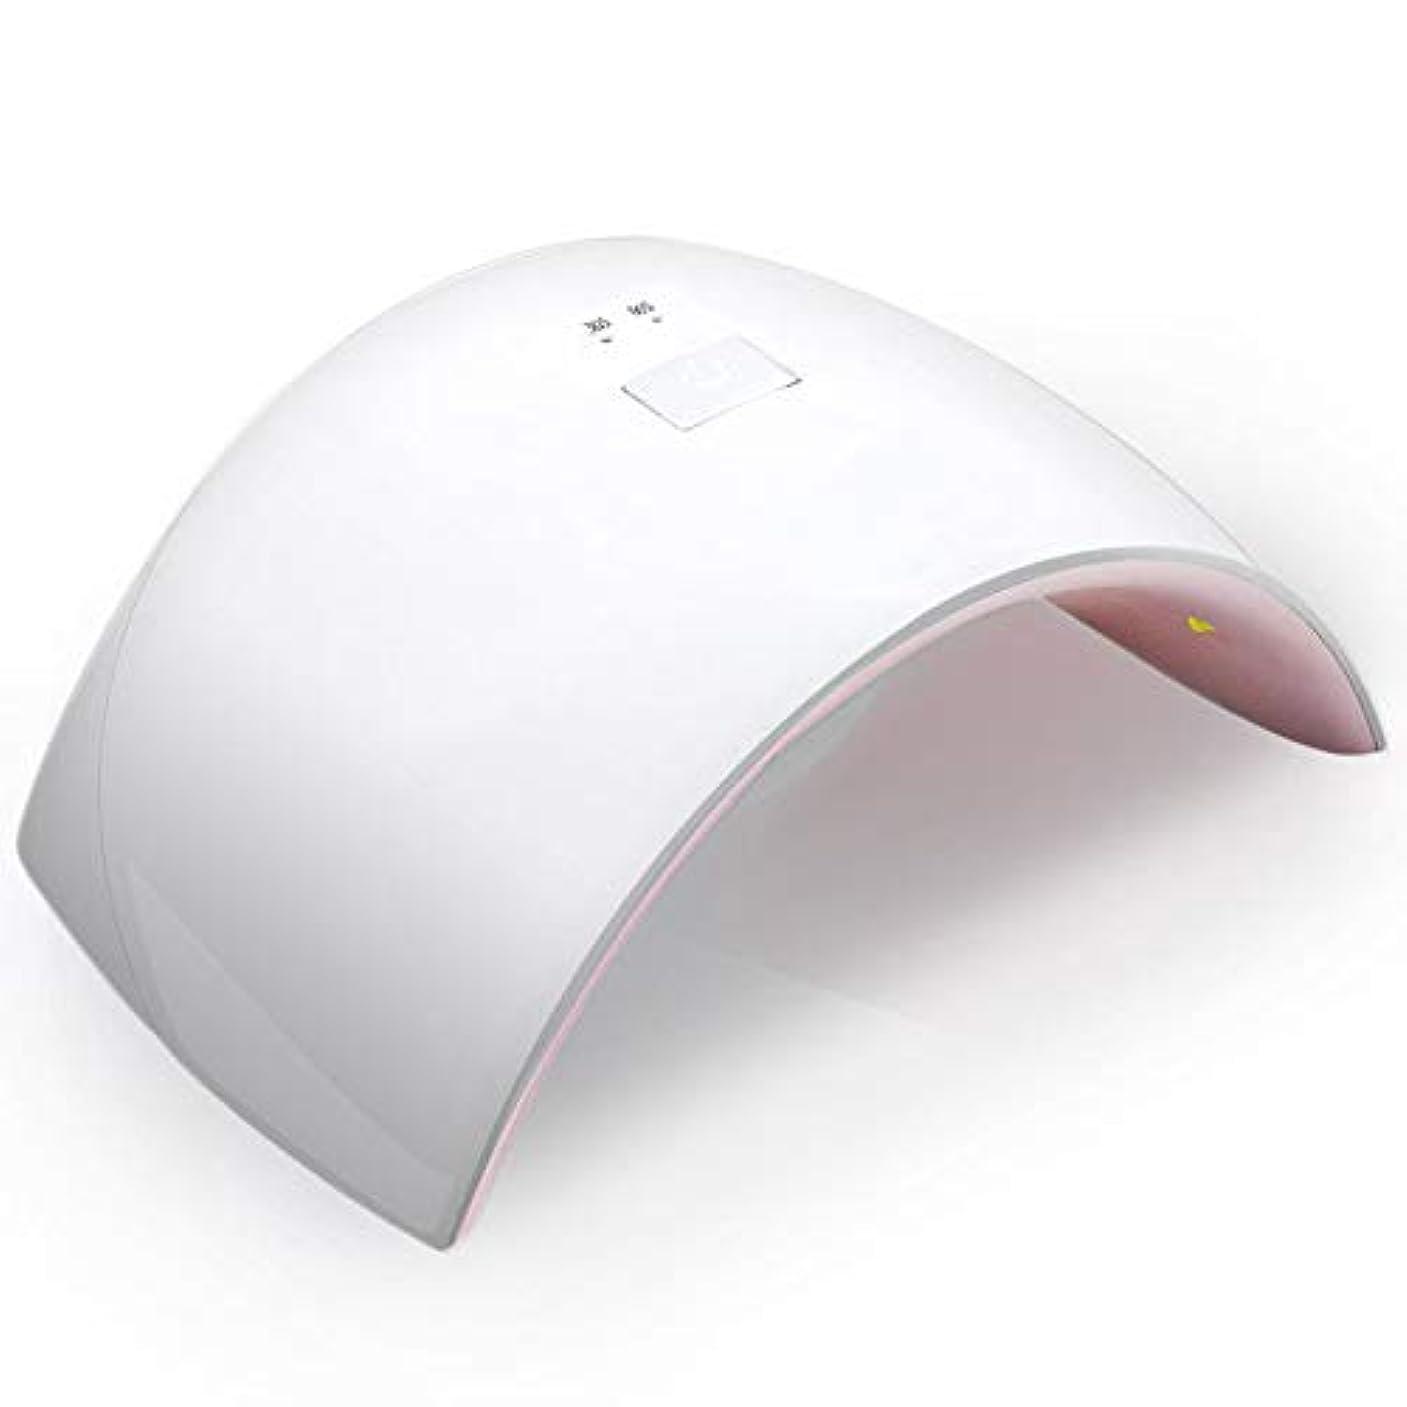 チャーミングあなたが良くなります画家UVとLEDダブルライト 24W ネイルドライヤー 赤外線検知タイマー機能